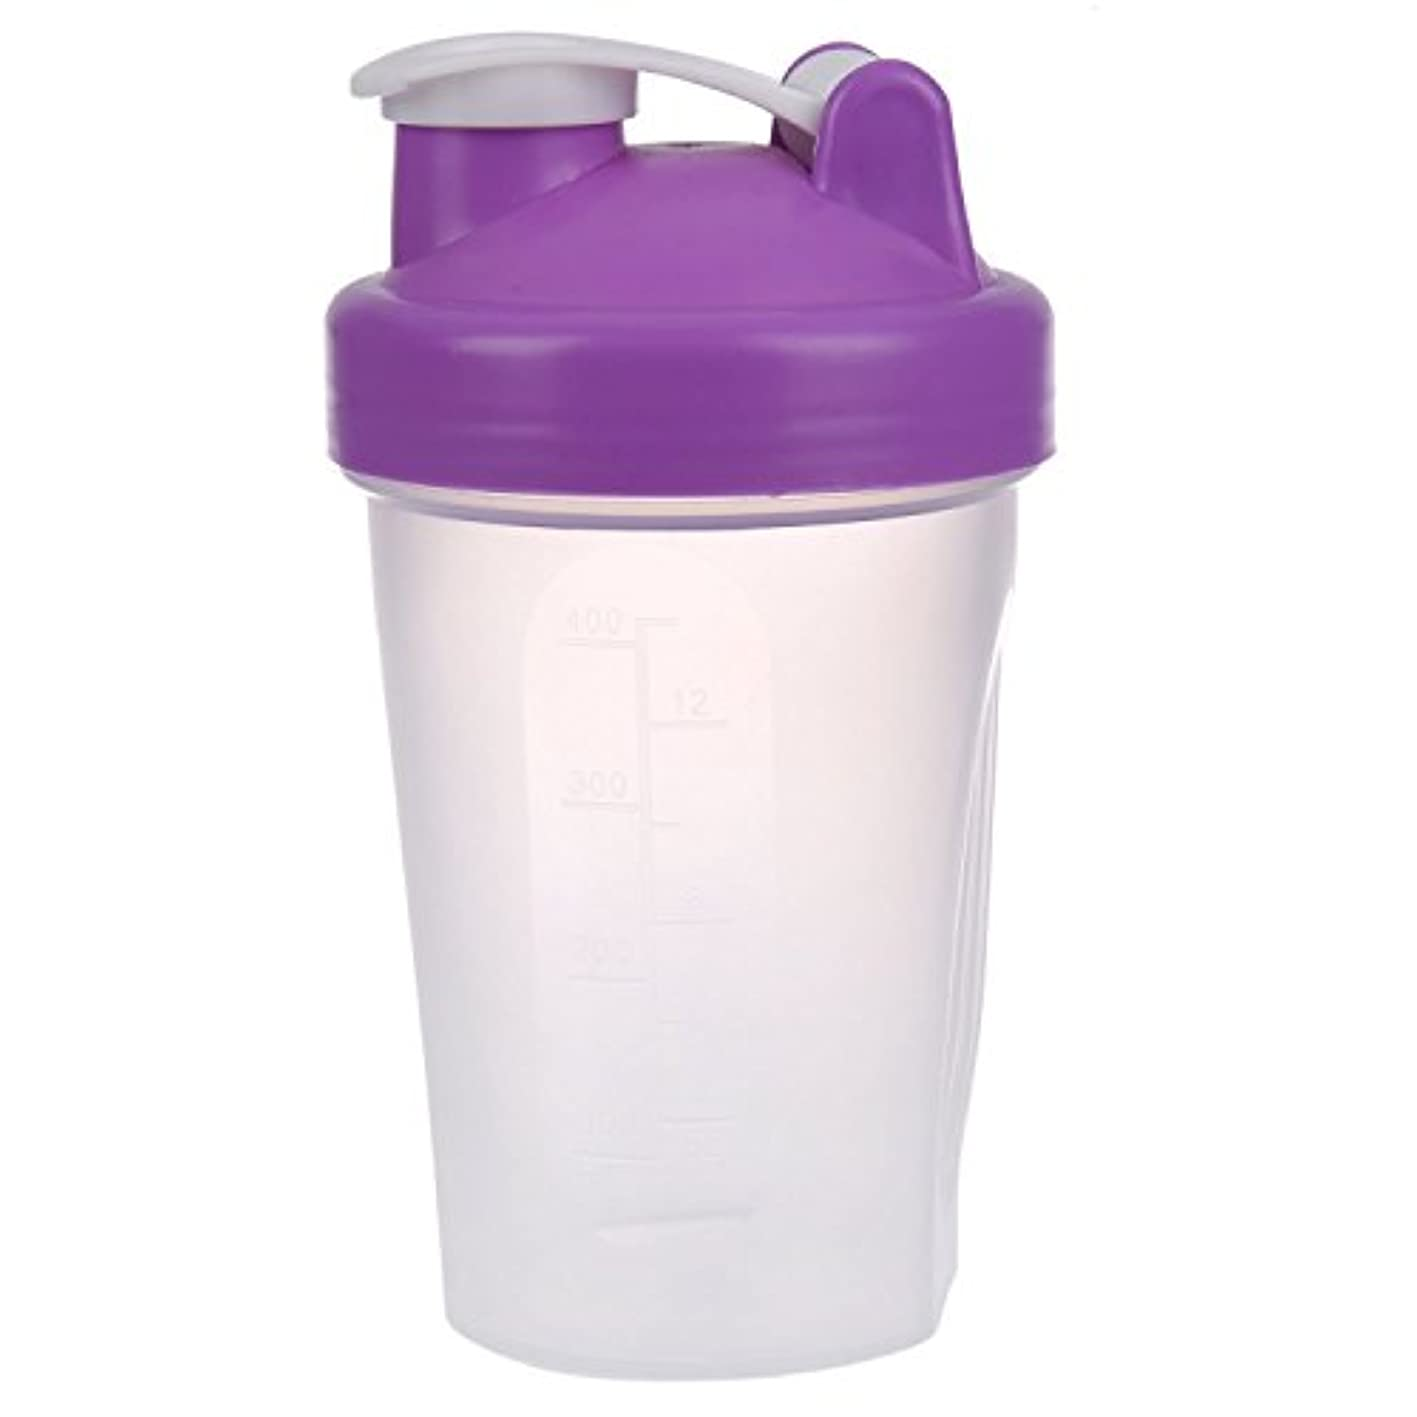 ポーター少しパトロールTOOGOO スマートシェイク ジムプロテインシェーカー ミキサーカップミキサーボトル 紫